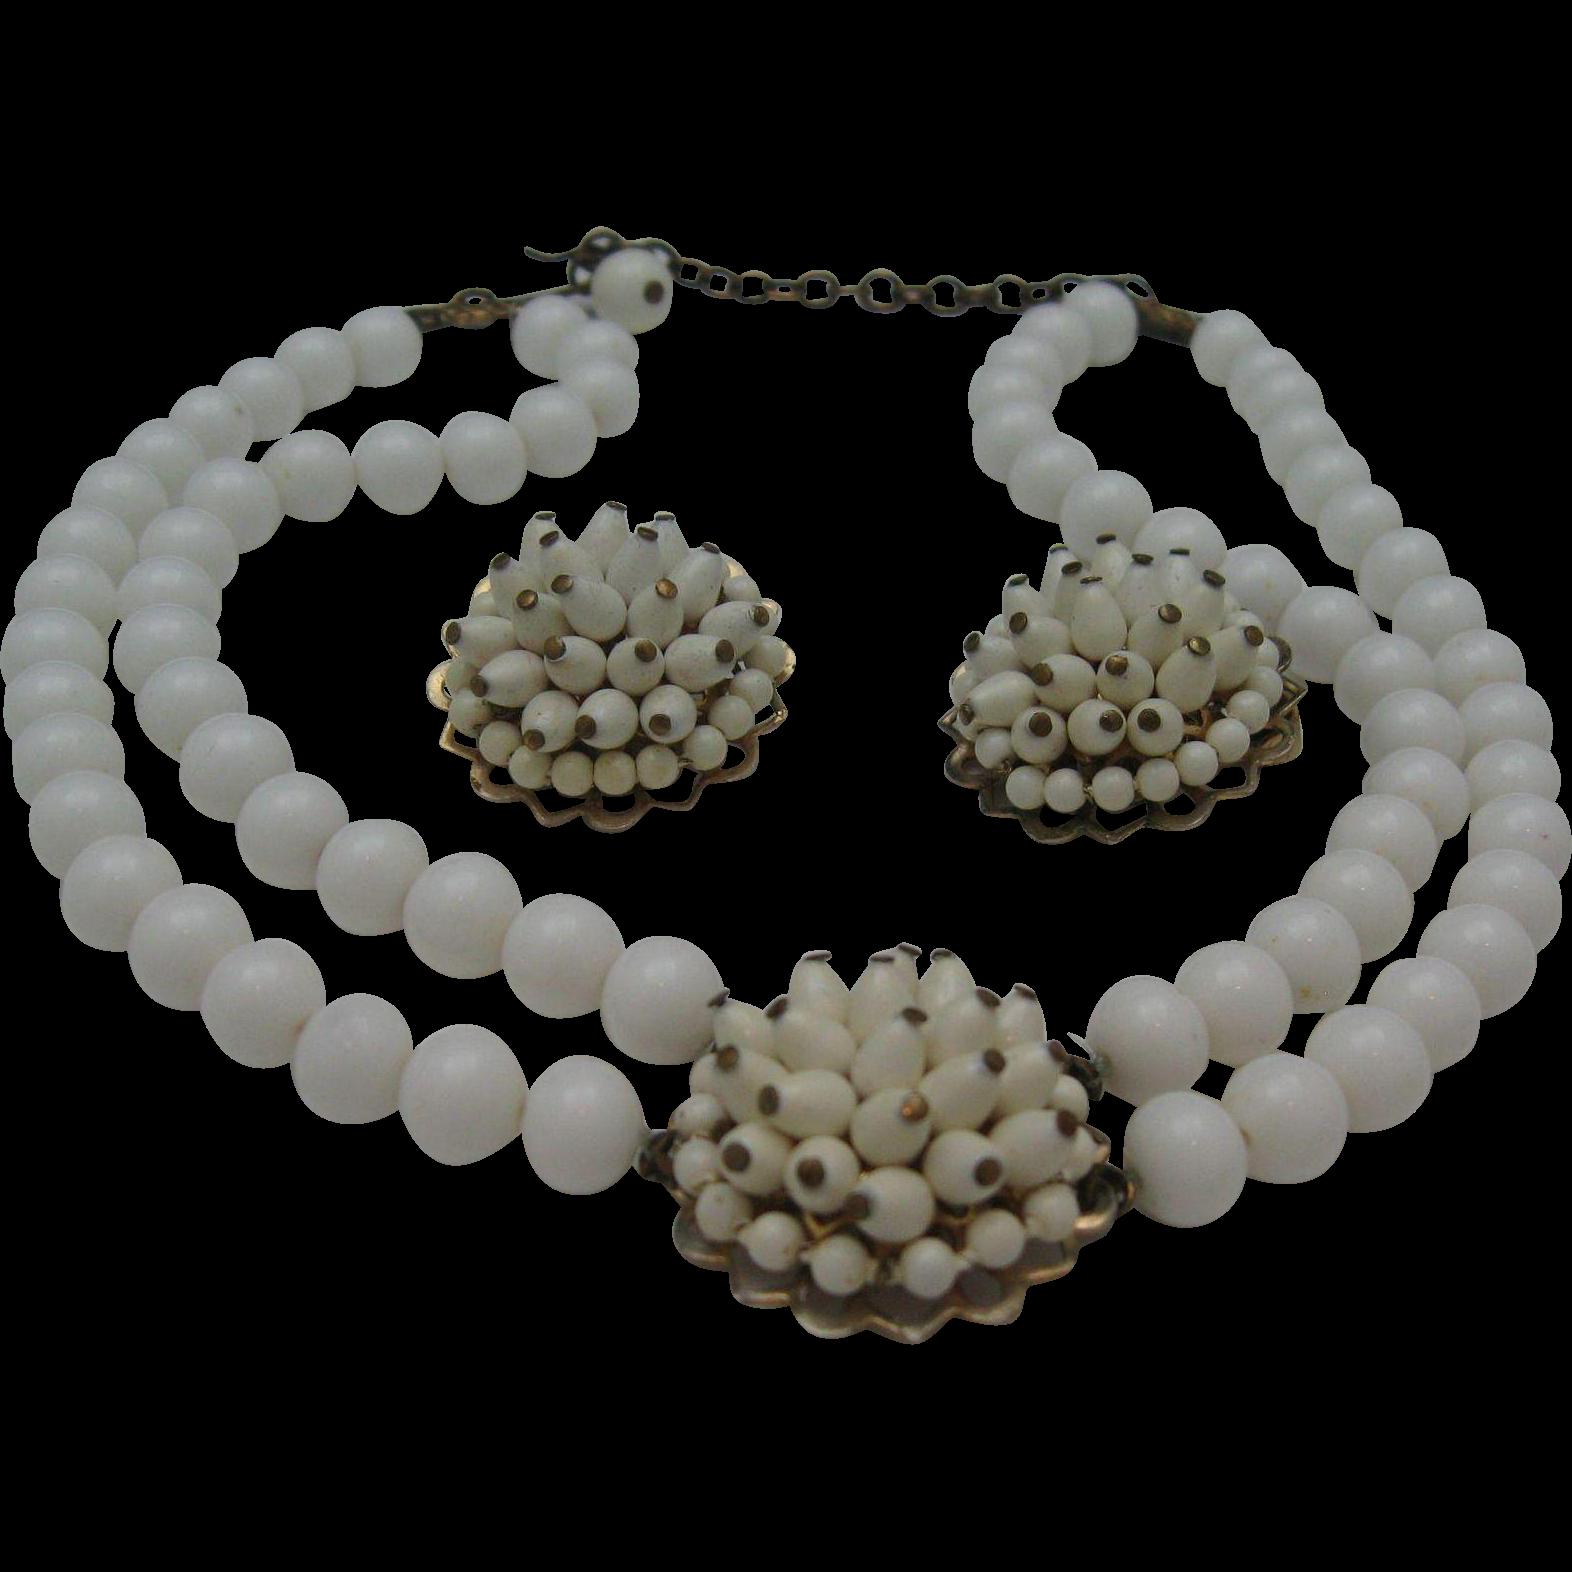 C1950 Milk Glass Choker Necklace earrings set